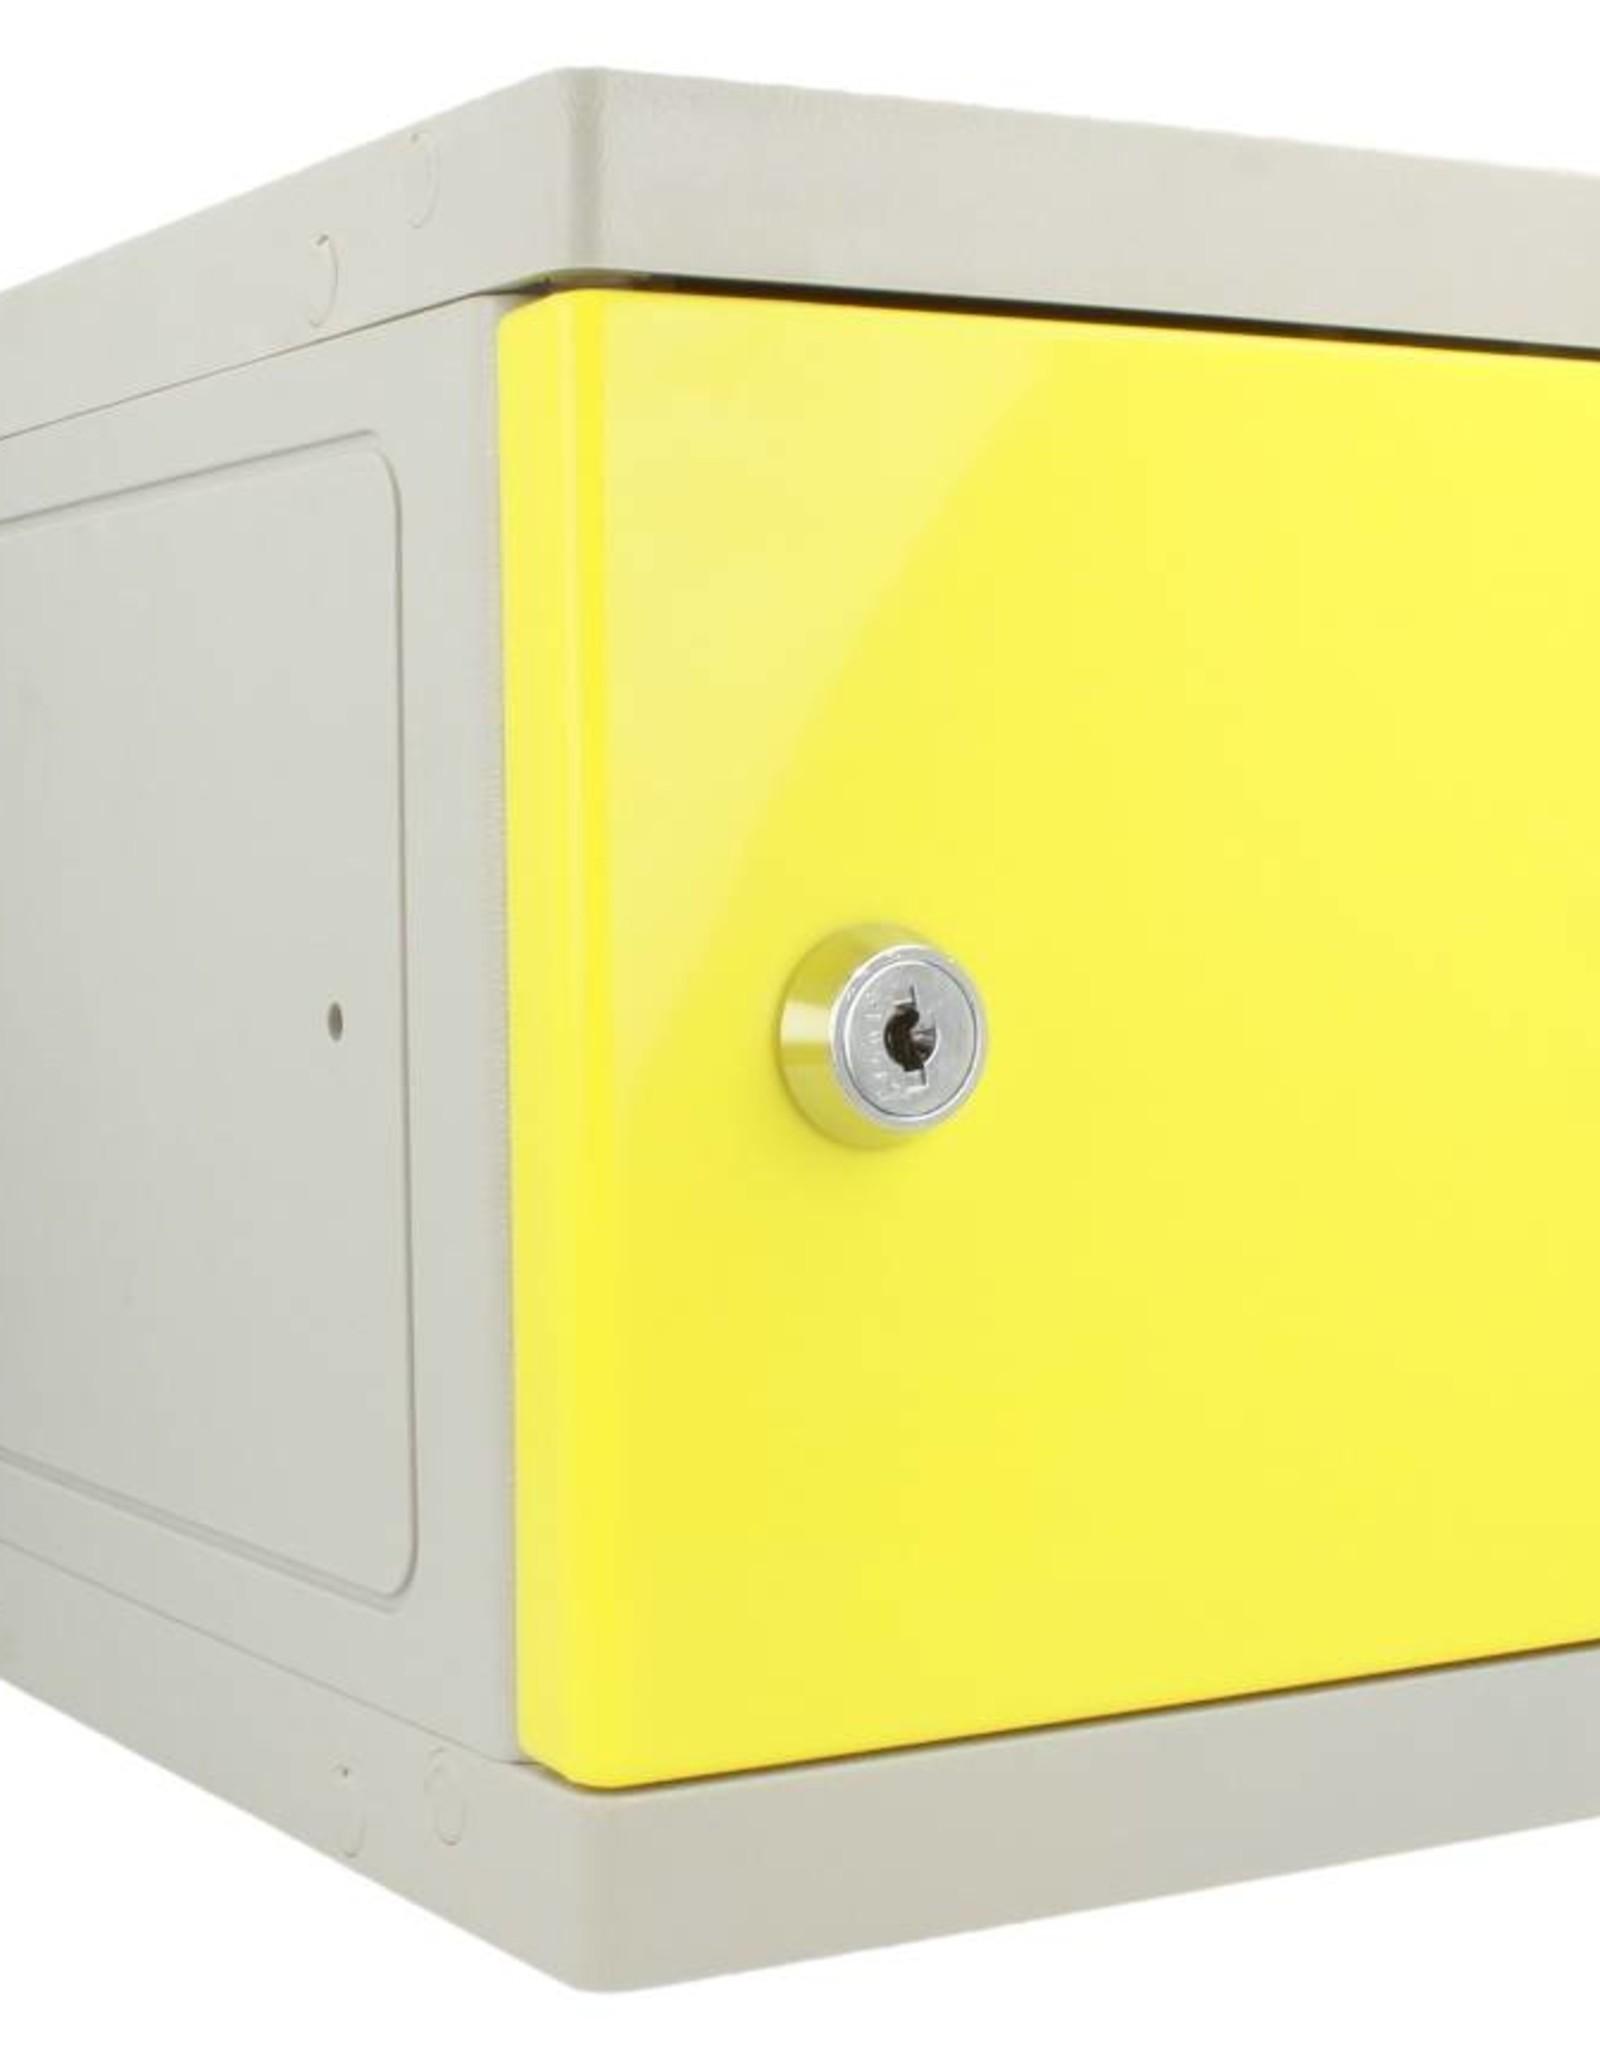 o27 Kunststoff Mini Schliessfach - grau/gelb